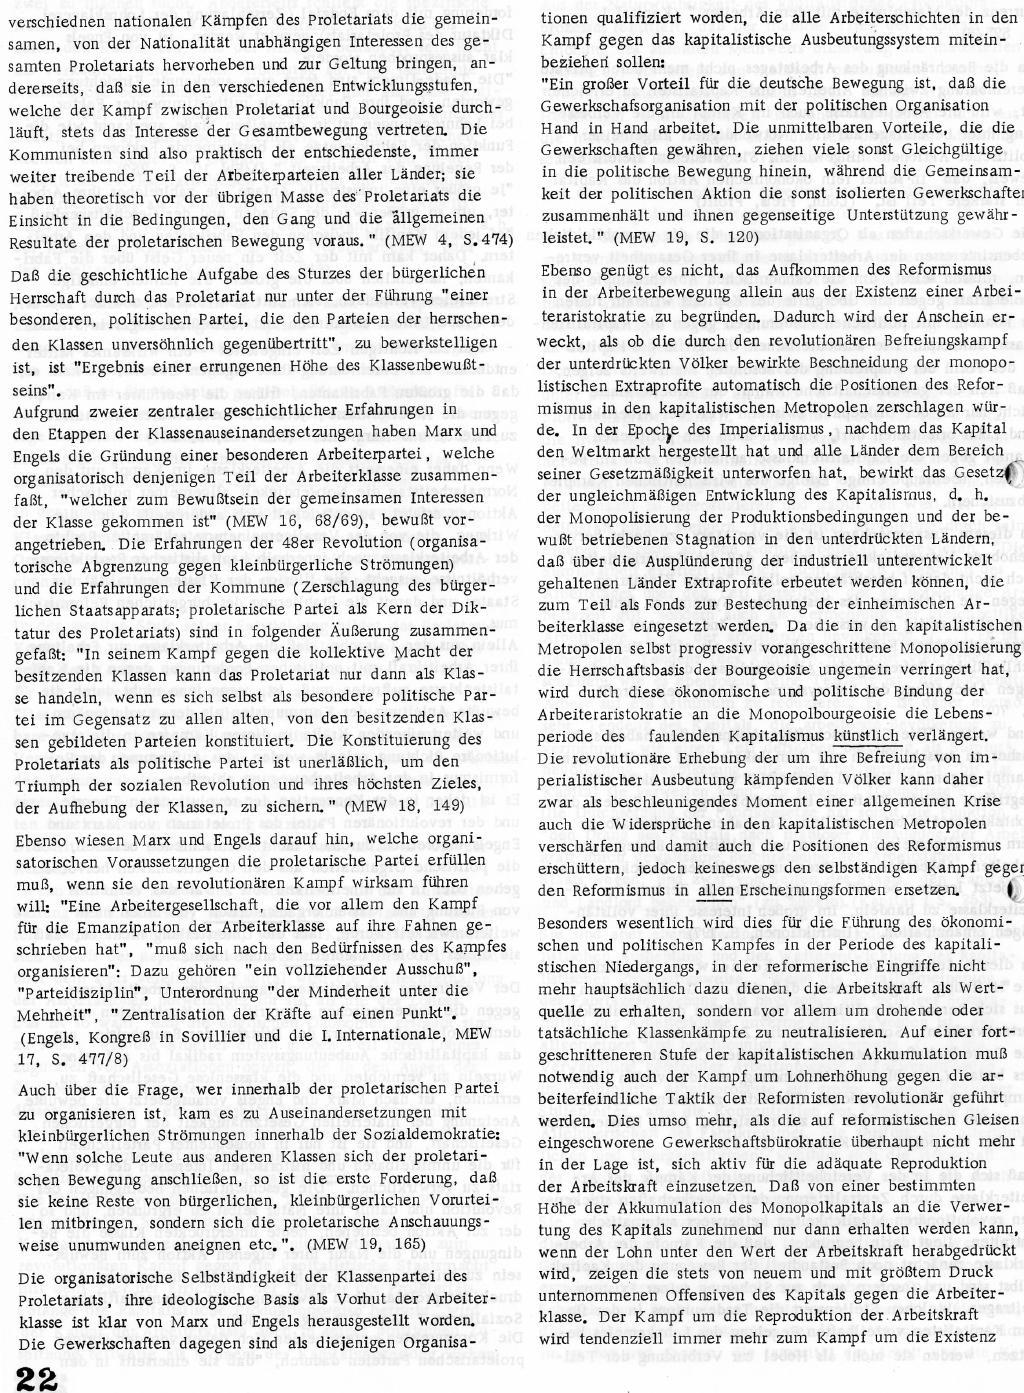 RPK_1971_126_127_22